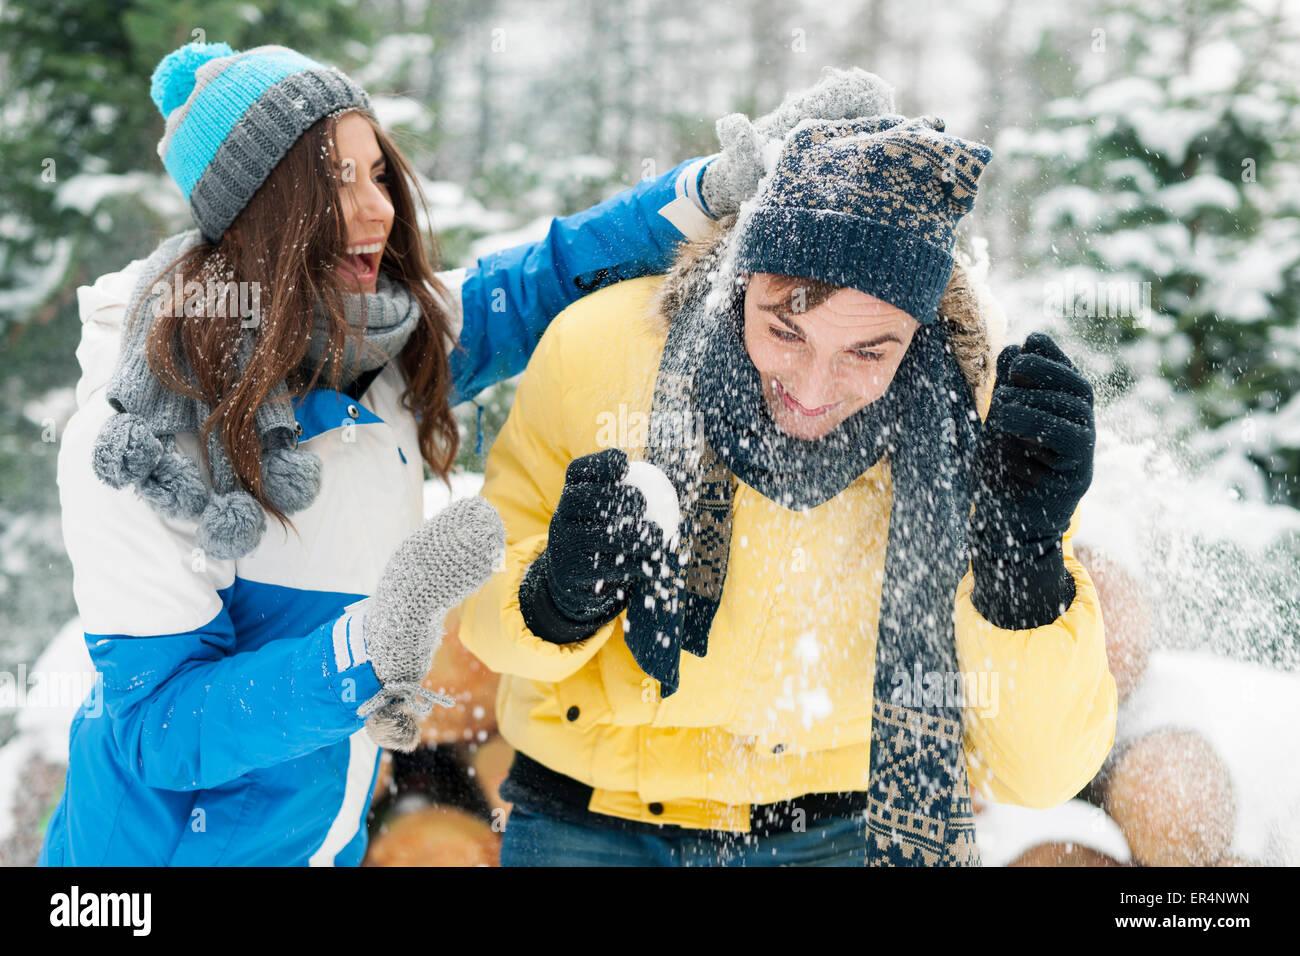 Junges Paar haben Spaß, während die Schneeballschlacht. Debica, Polen Stockbild